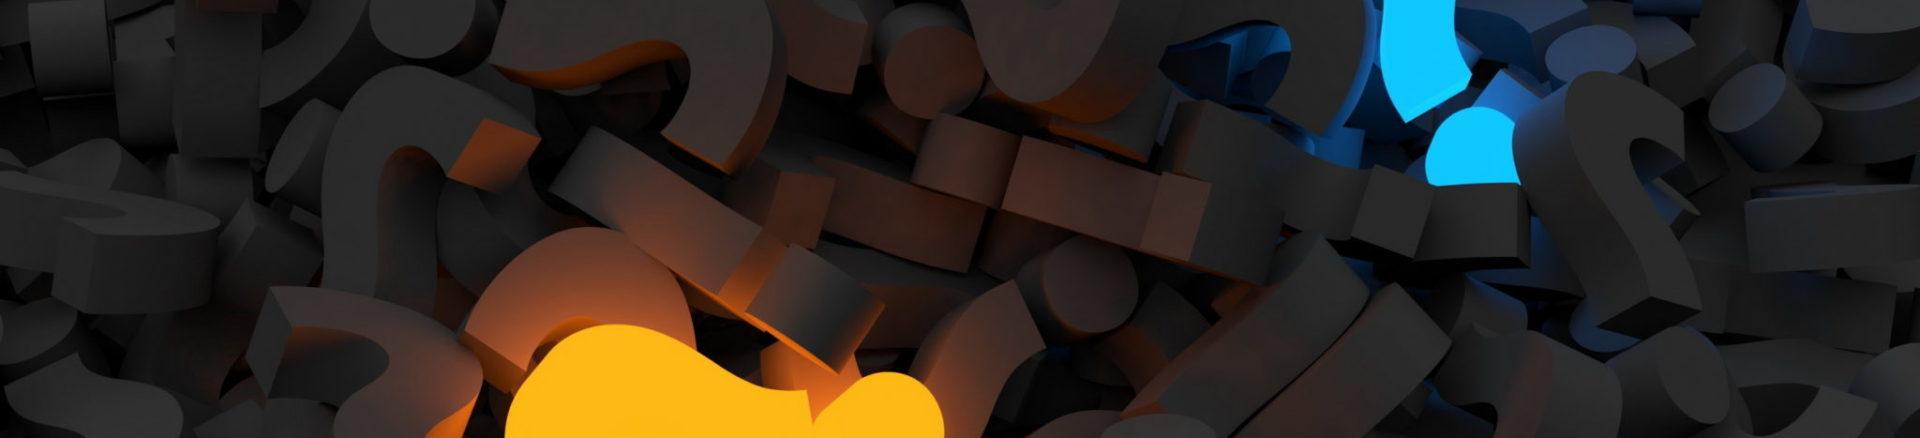 Werbeartikel Werbegeschenke Giveaways Streuartikel Sonderproduktion Werbung Wahl Haag NÖ Amsteten